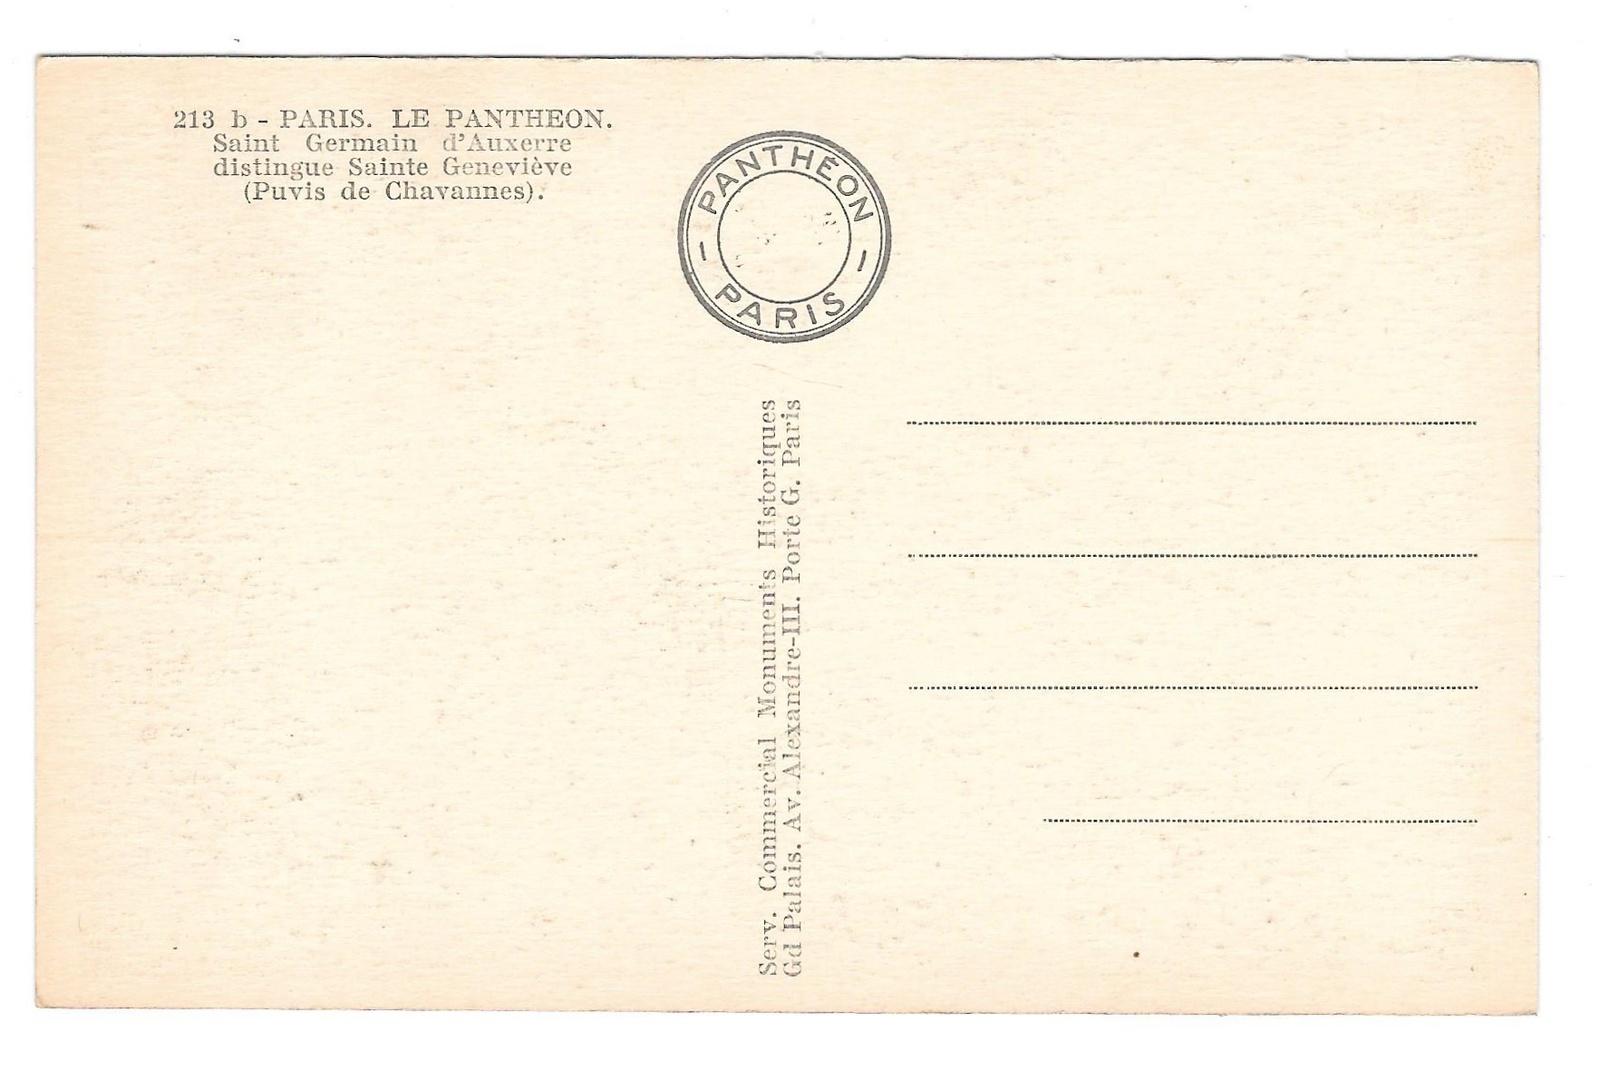 France Paris Pantheon Saint Germain Sainte Genevieve Painting Chavannes Postcard